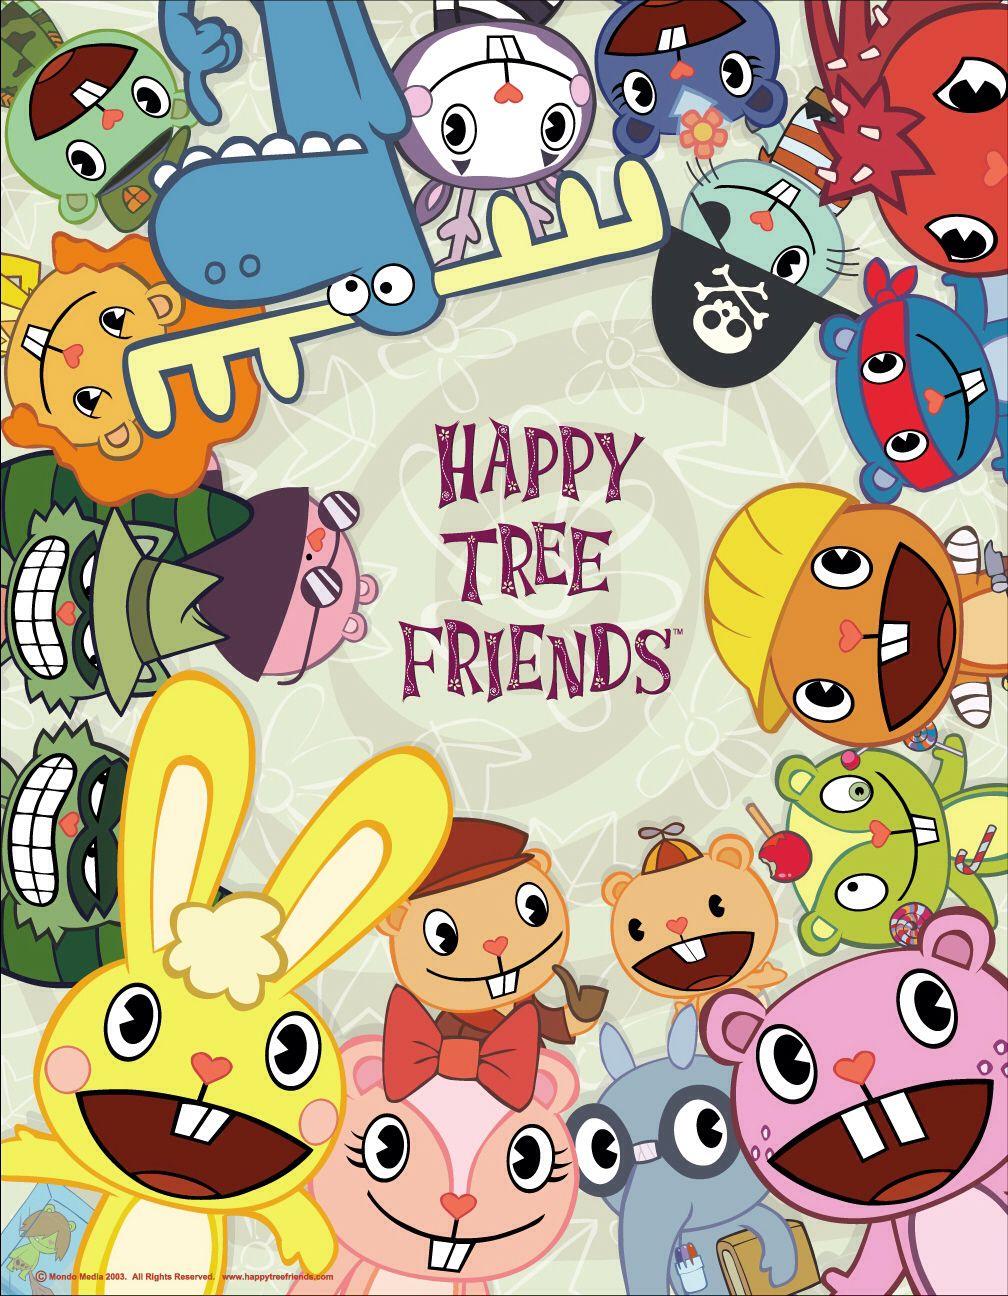 Happy Tree Friend Cartoon Pinterest Happy Tree Friends Friend